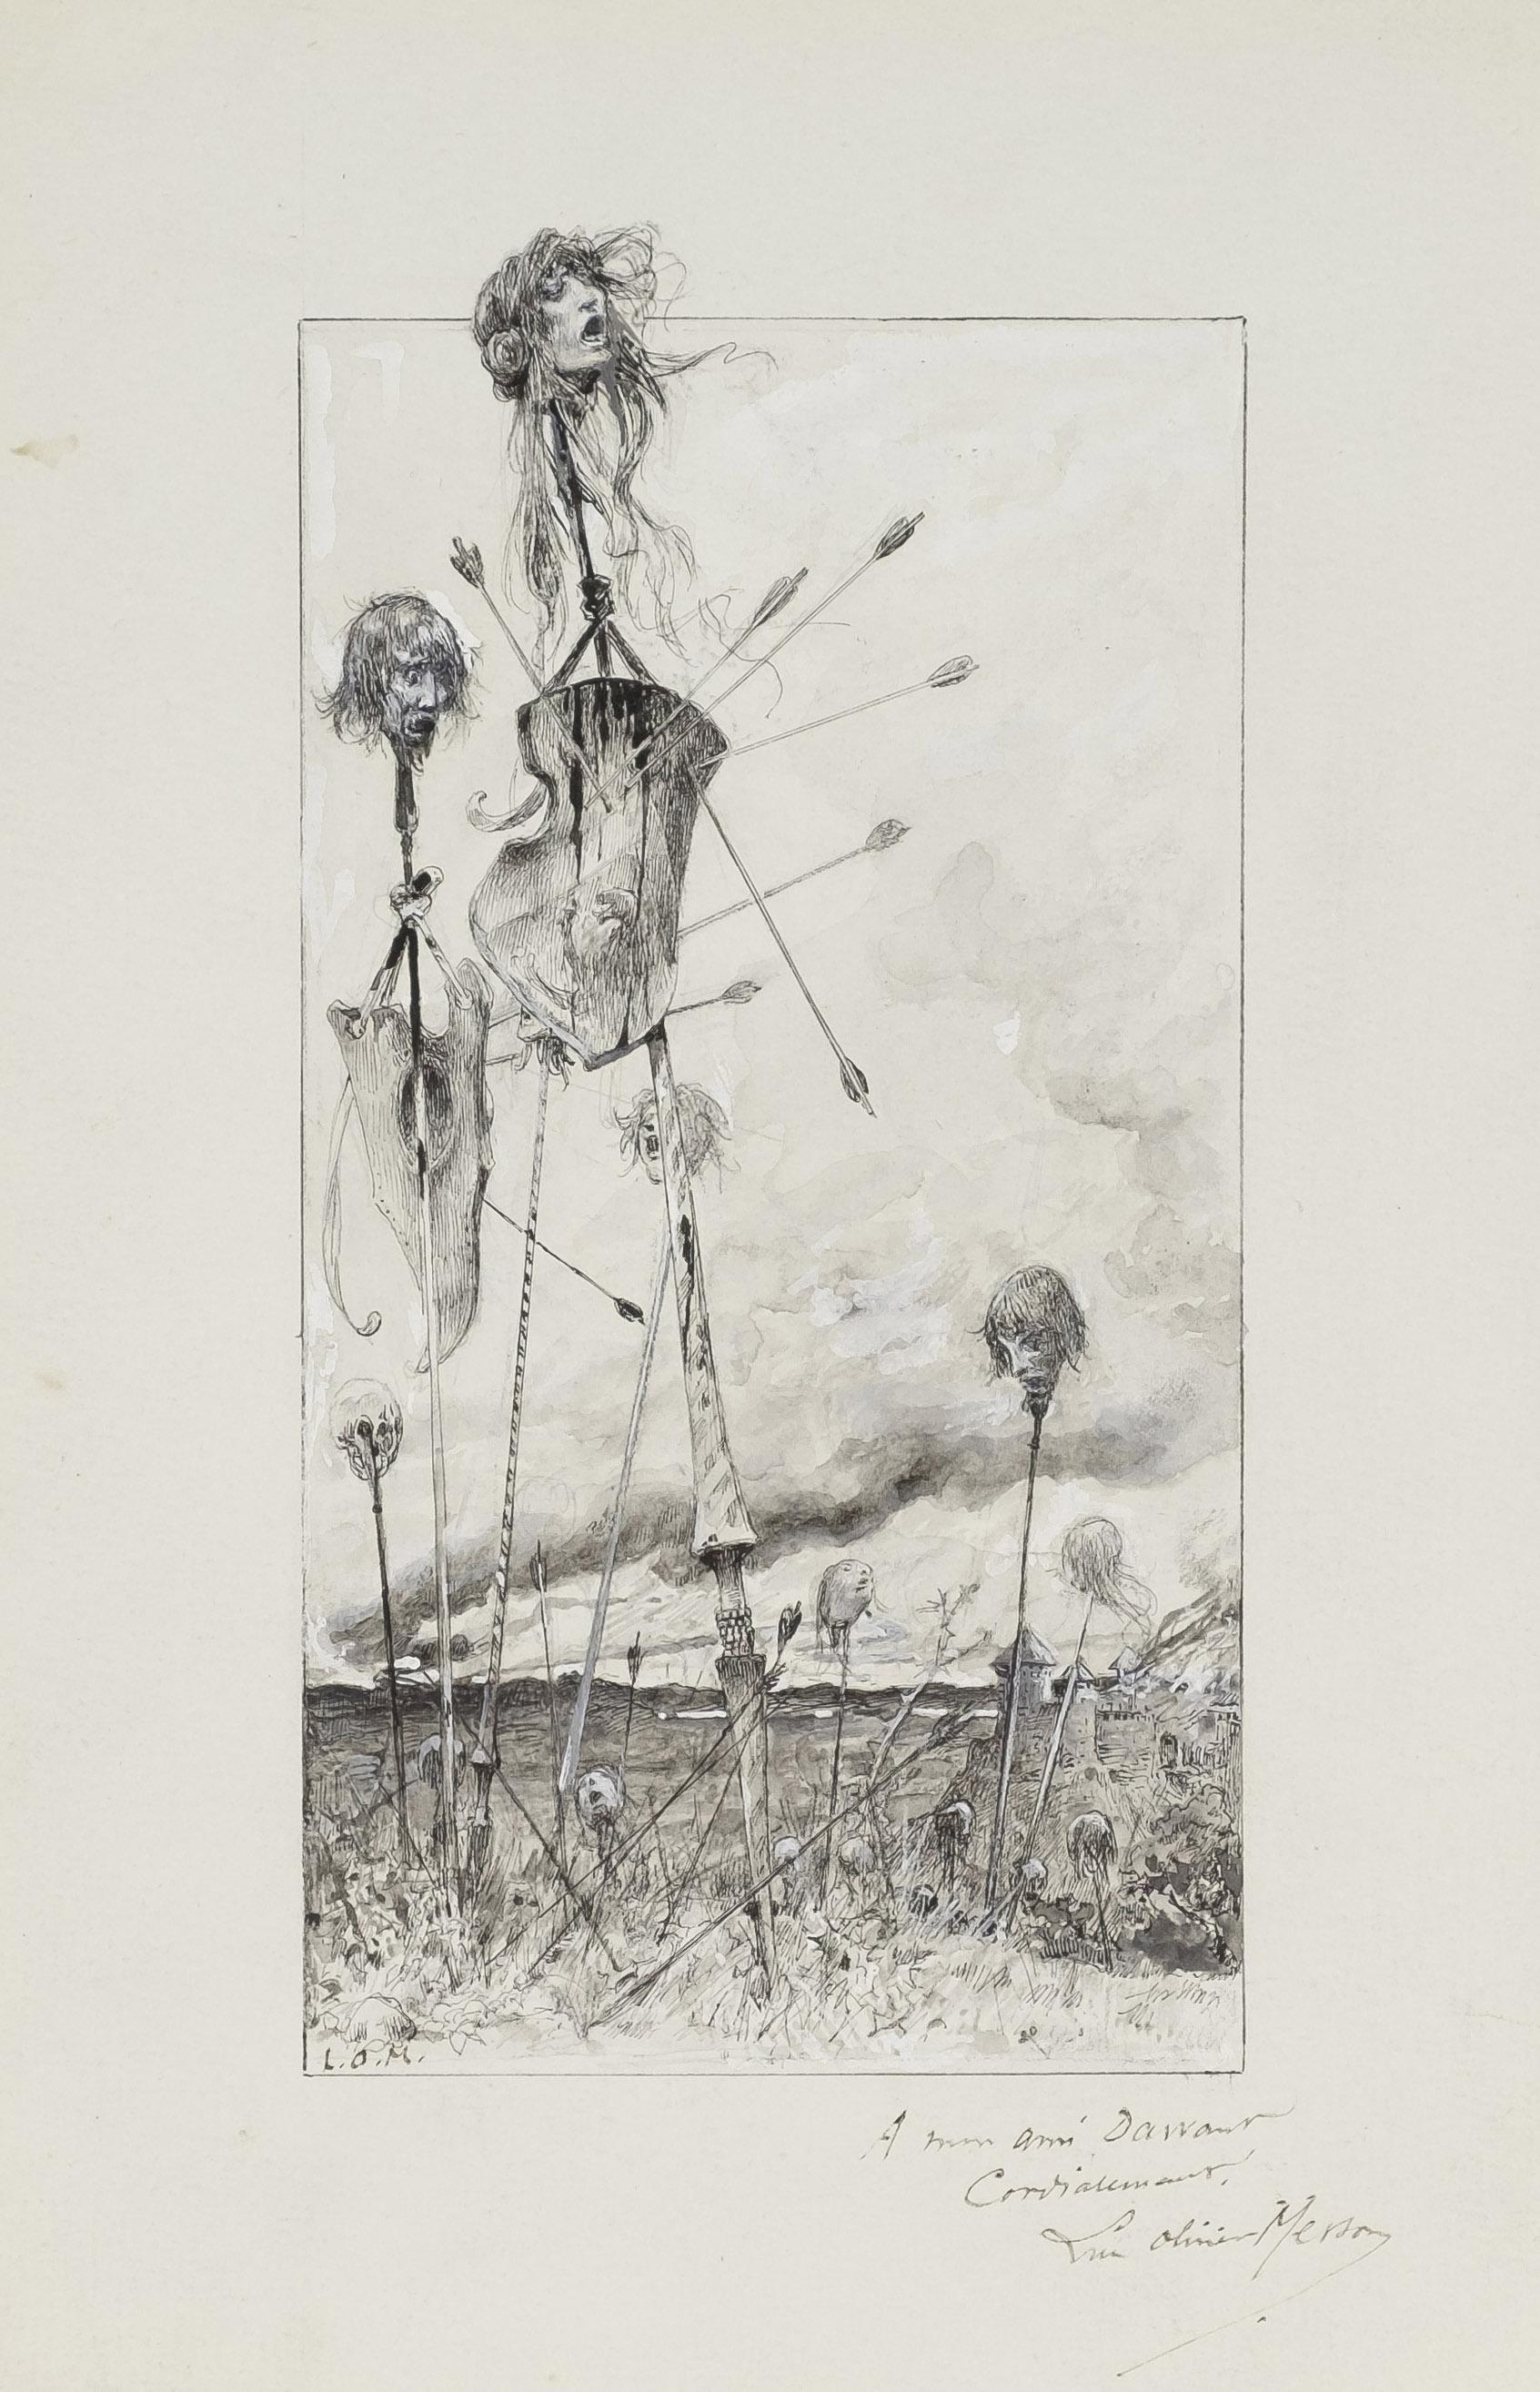 Après la bataille, projet d'illustration pour La Jacquerie de Prosper Mérimée